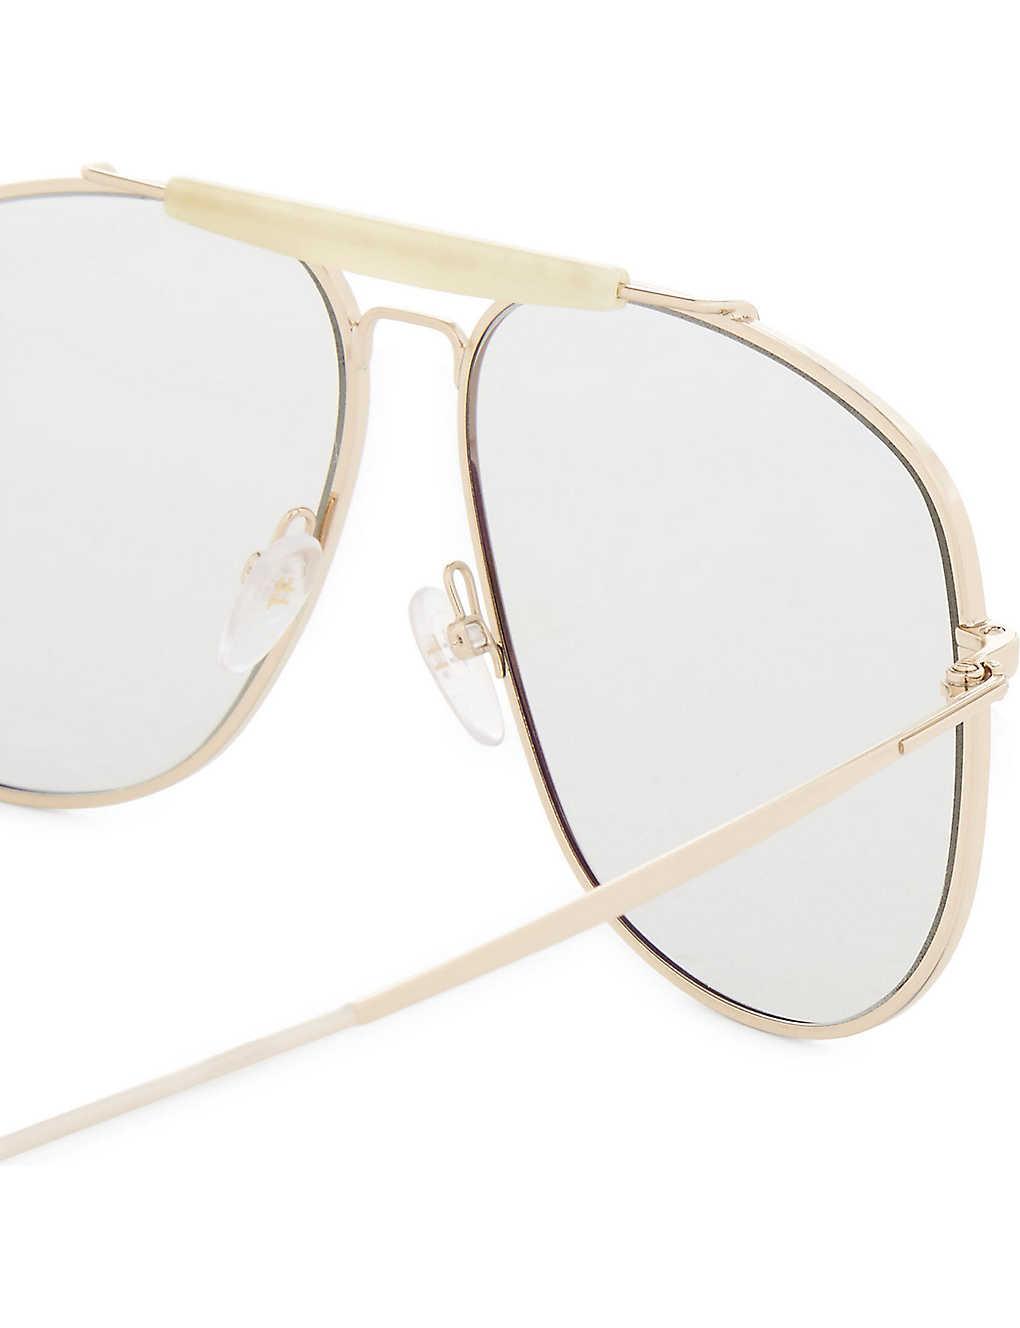 a58e6814fc TOM FORD - Connor Tf557 aviator sunglasses